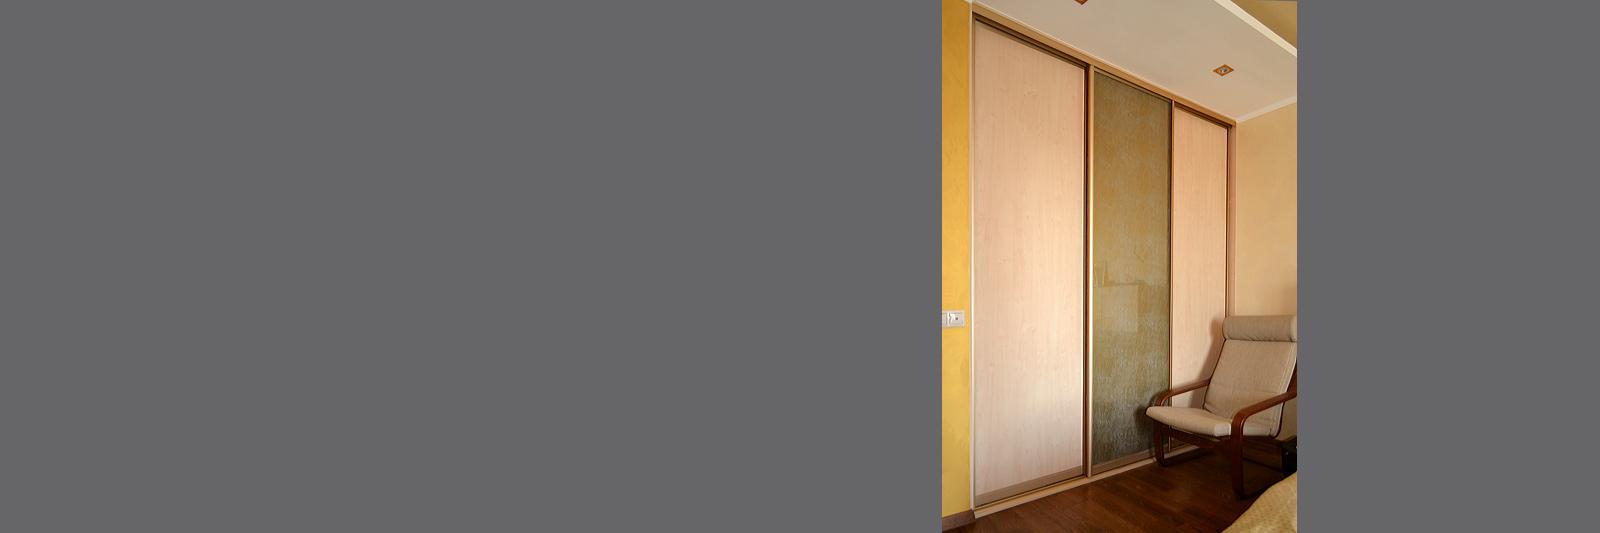 Встроенный шкаф купе на заказ с декоративным стеклом